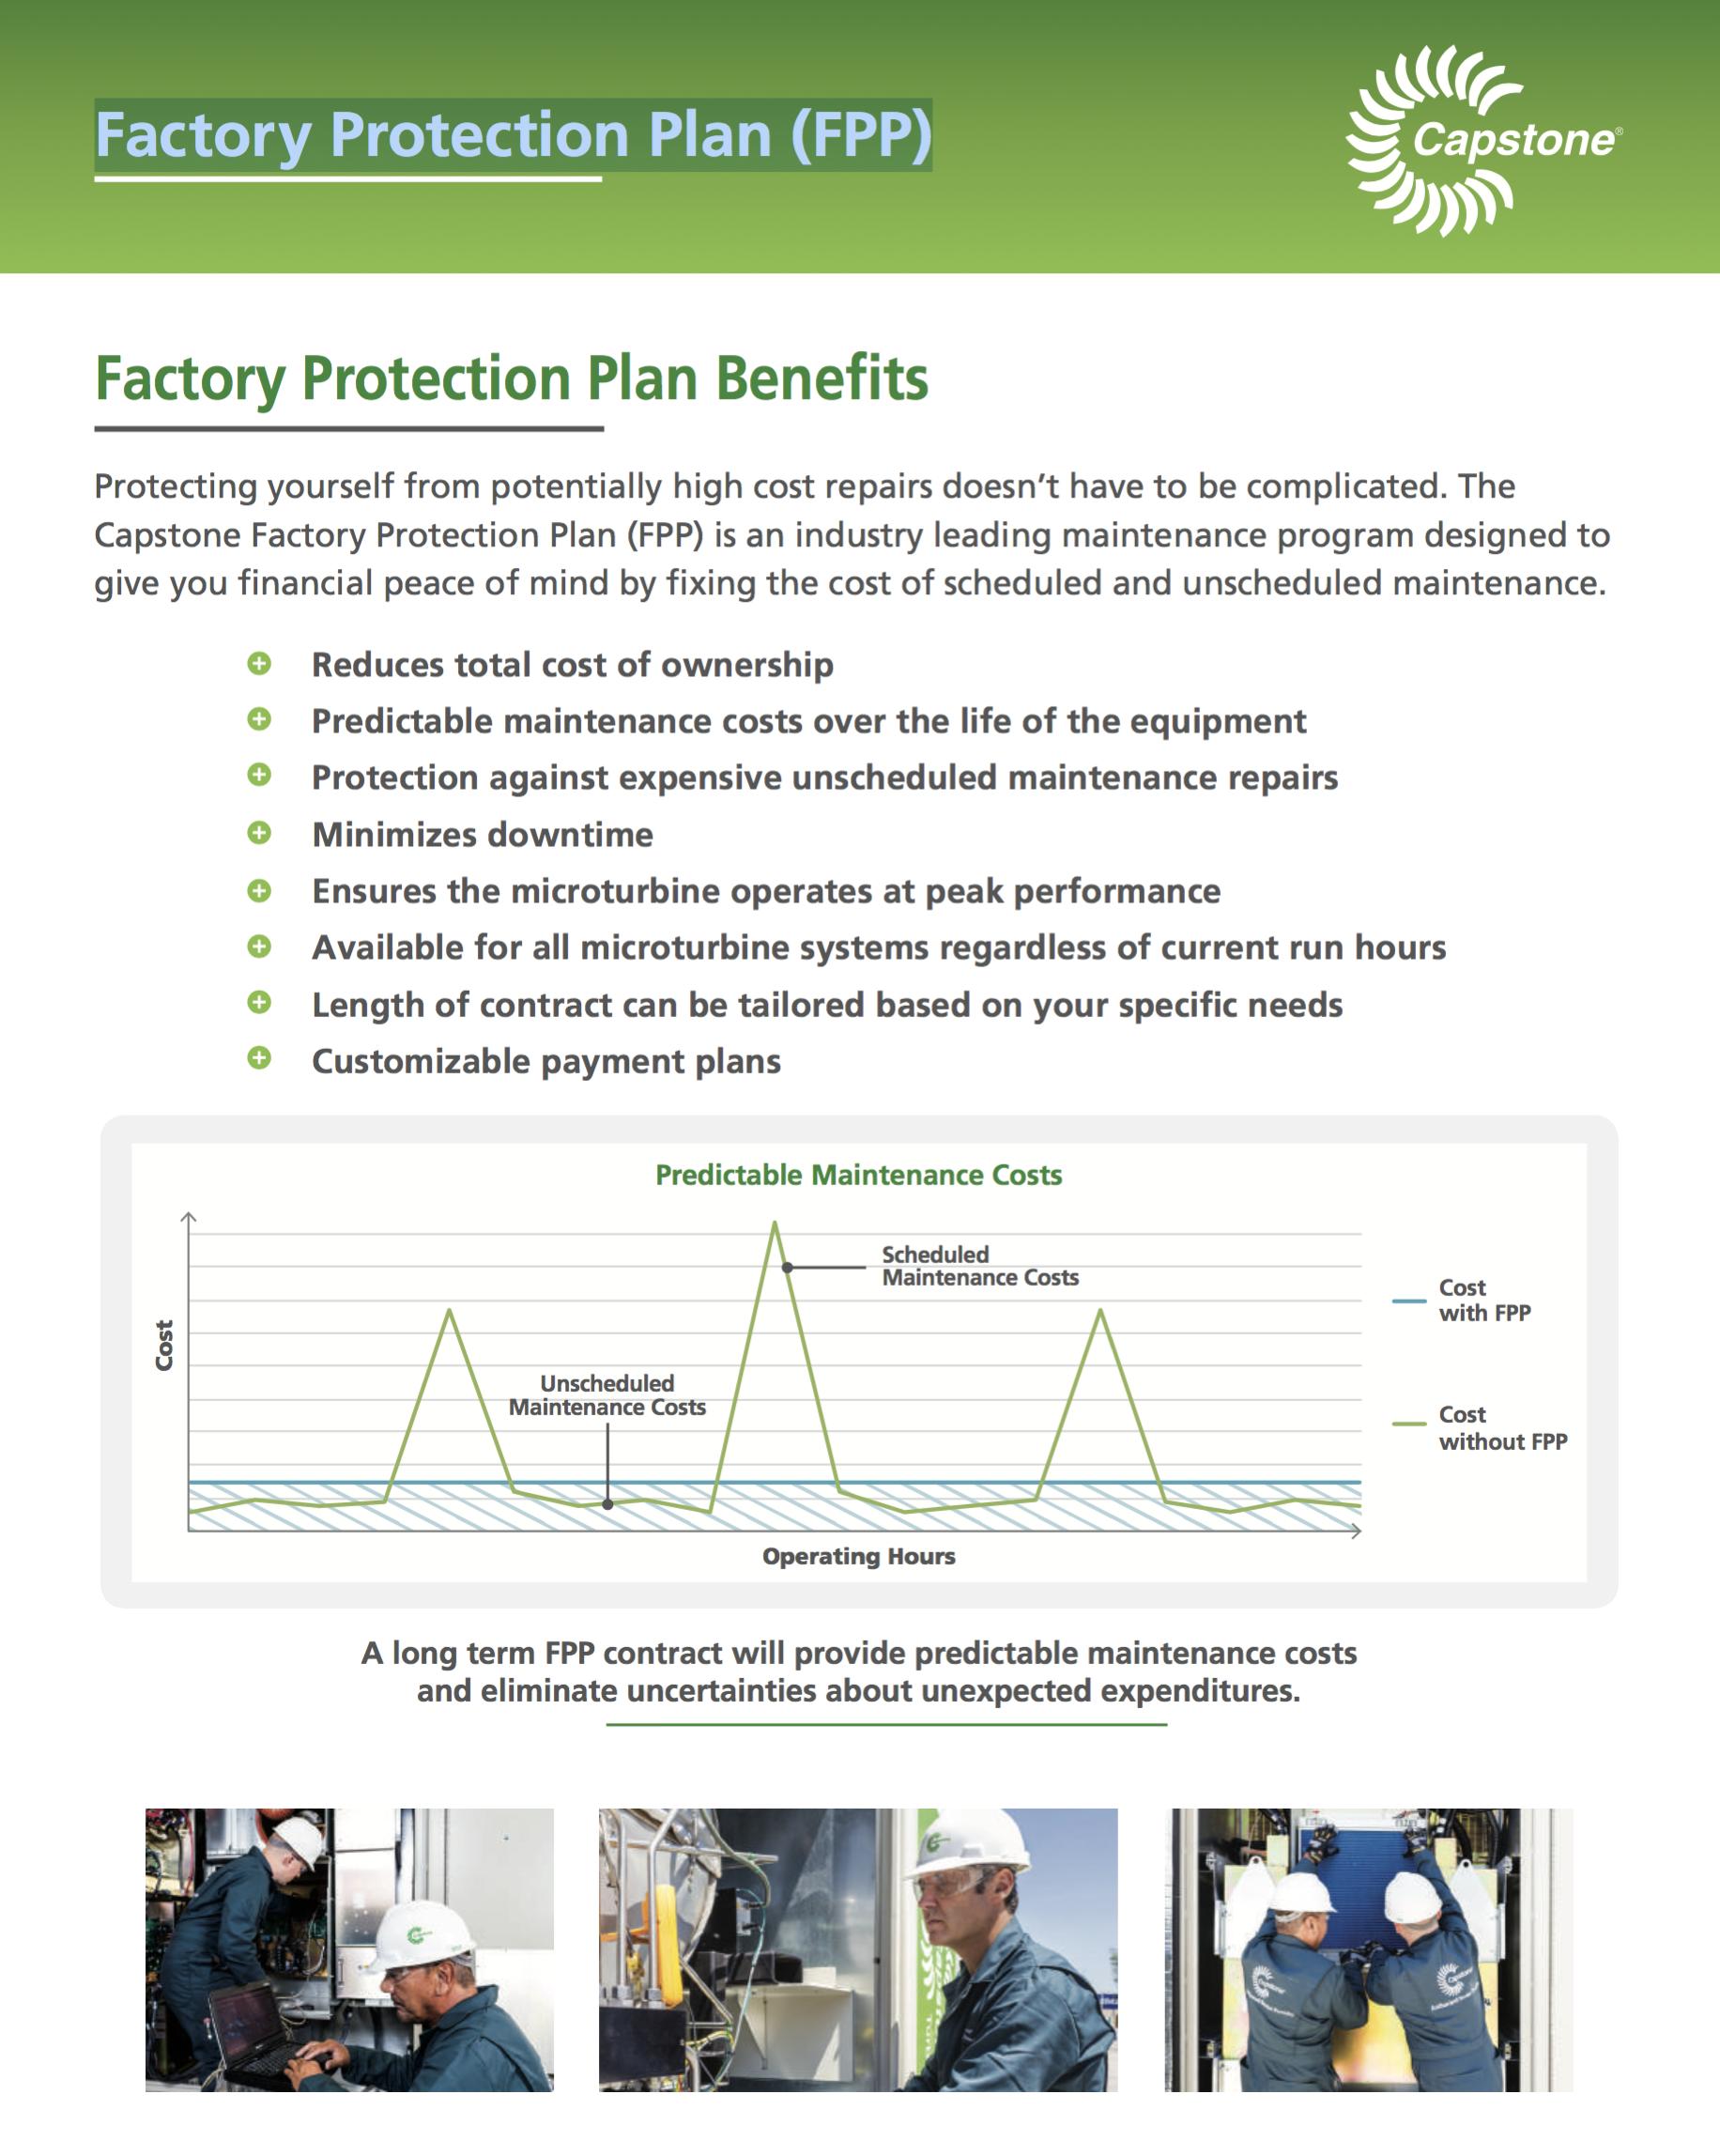 工厂保护计划(FPP)